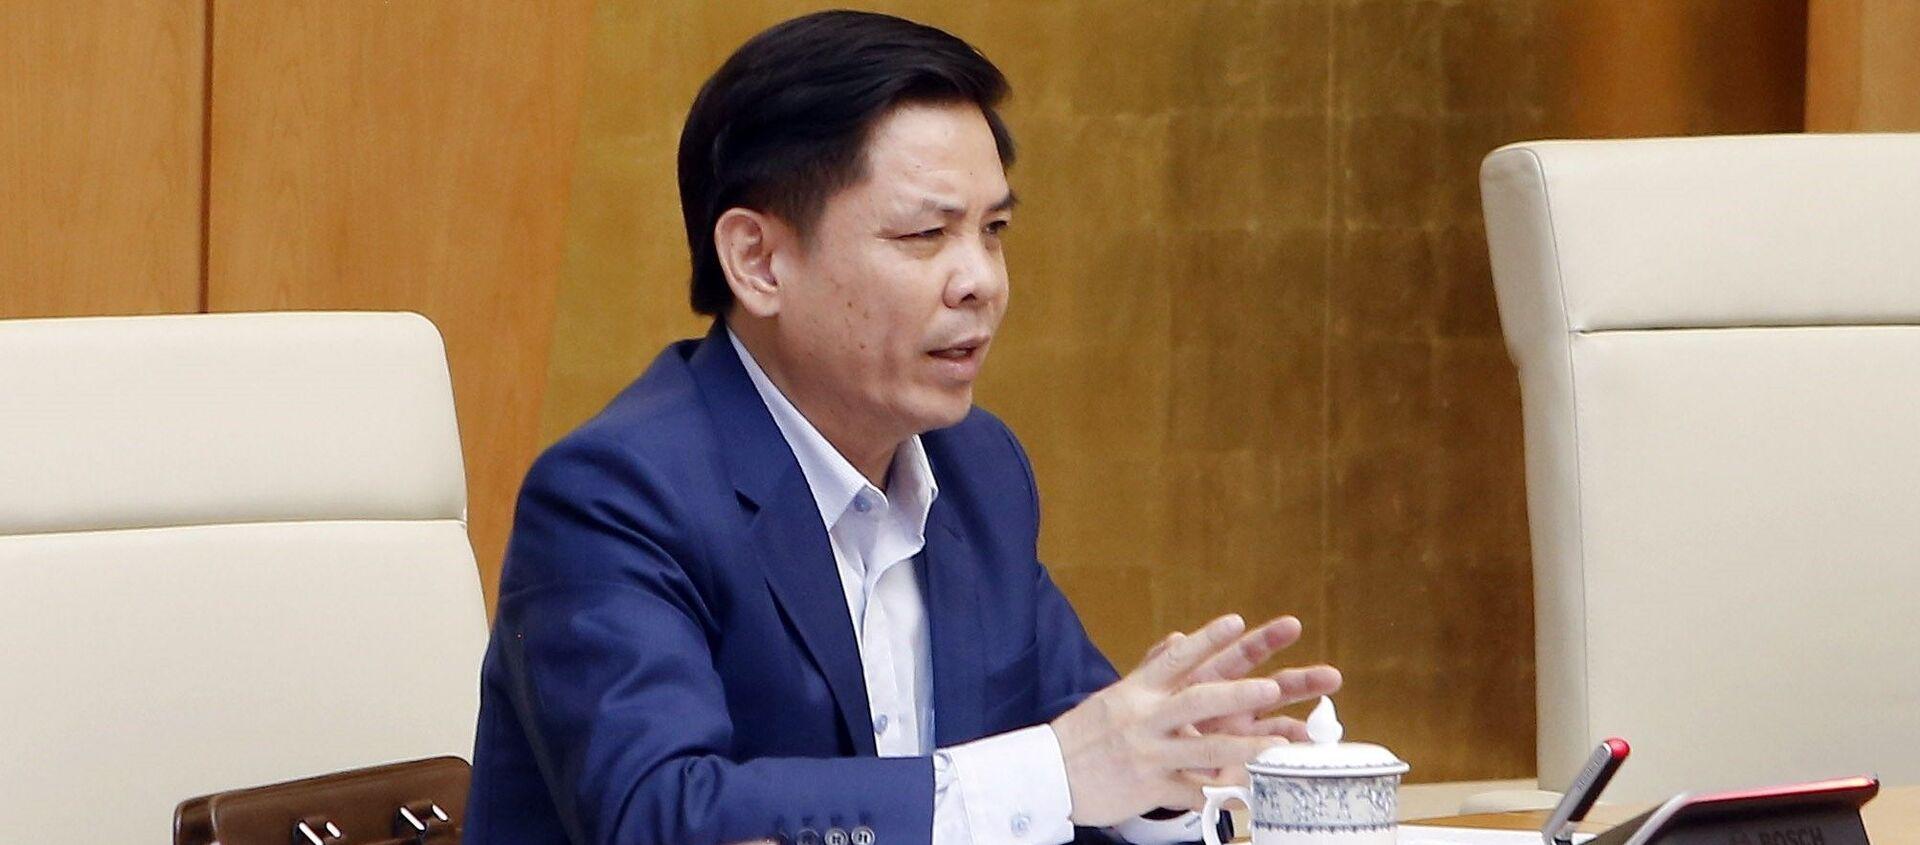 Bộ trưởng Bộ Giao thông vận tải Nguyễn Văn Thể phát biểu - Sputnik Việt Nam, 1920, 29.04.2021